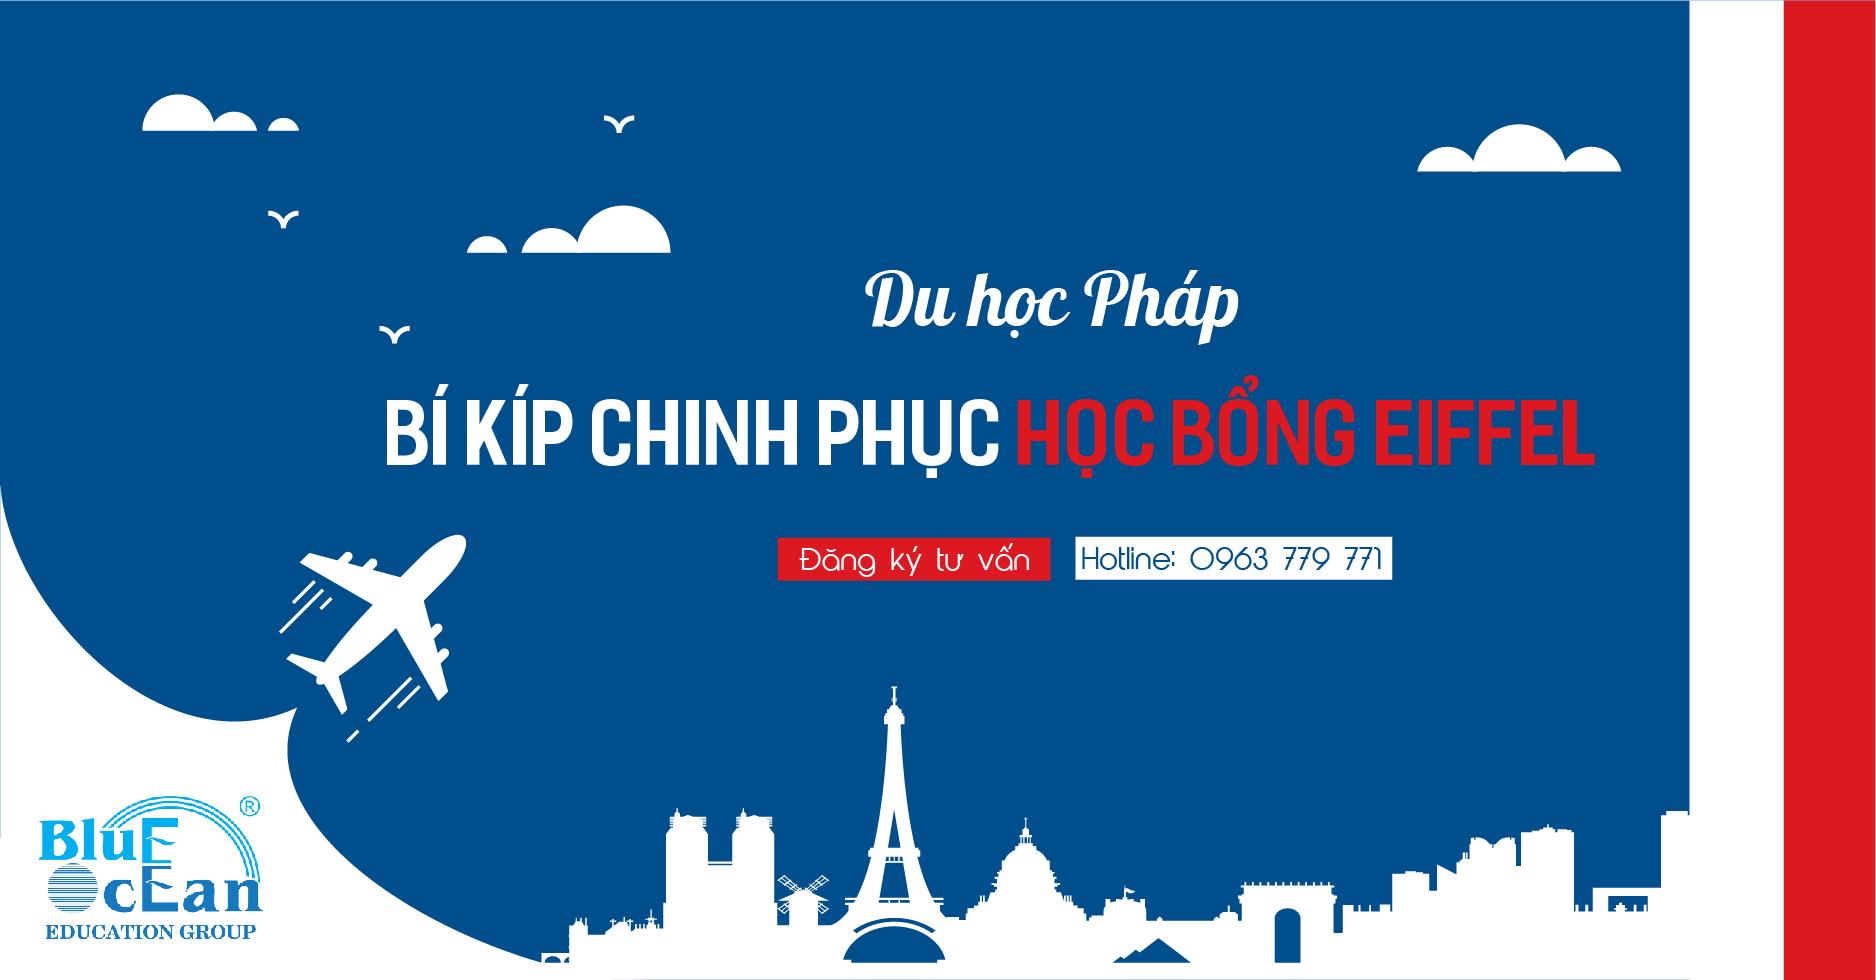 CHINH PHỤC HỌC BỔNG EIFFEL,  NHẬN TRỢ CẤP LÊN ĐẾN  1.400 EURO/THÁNG